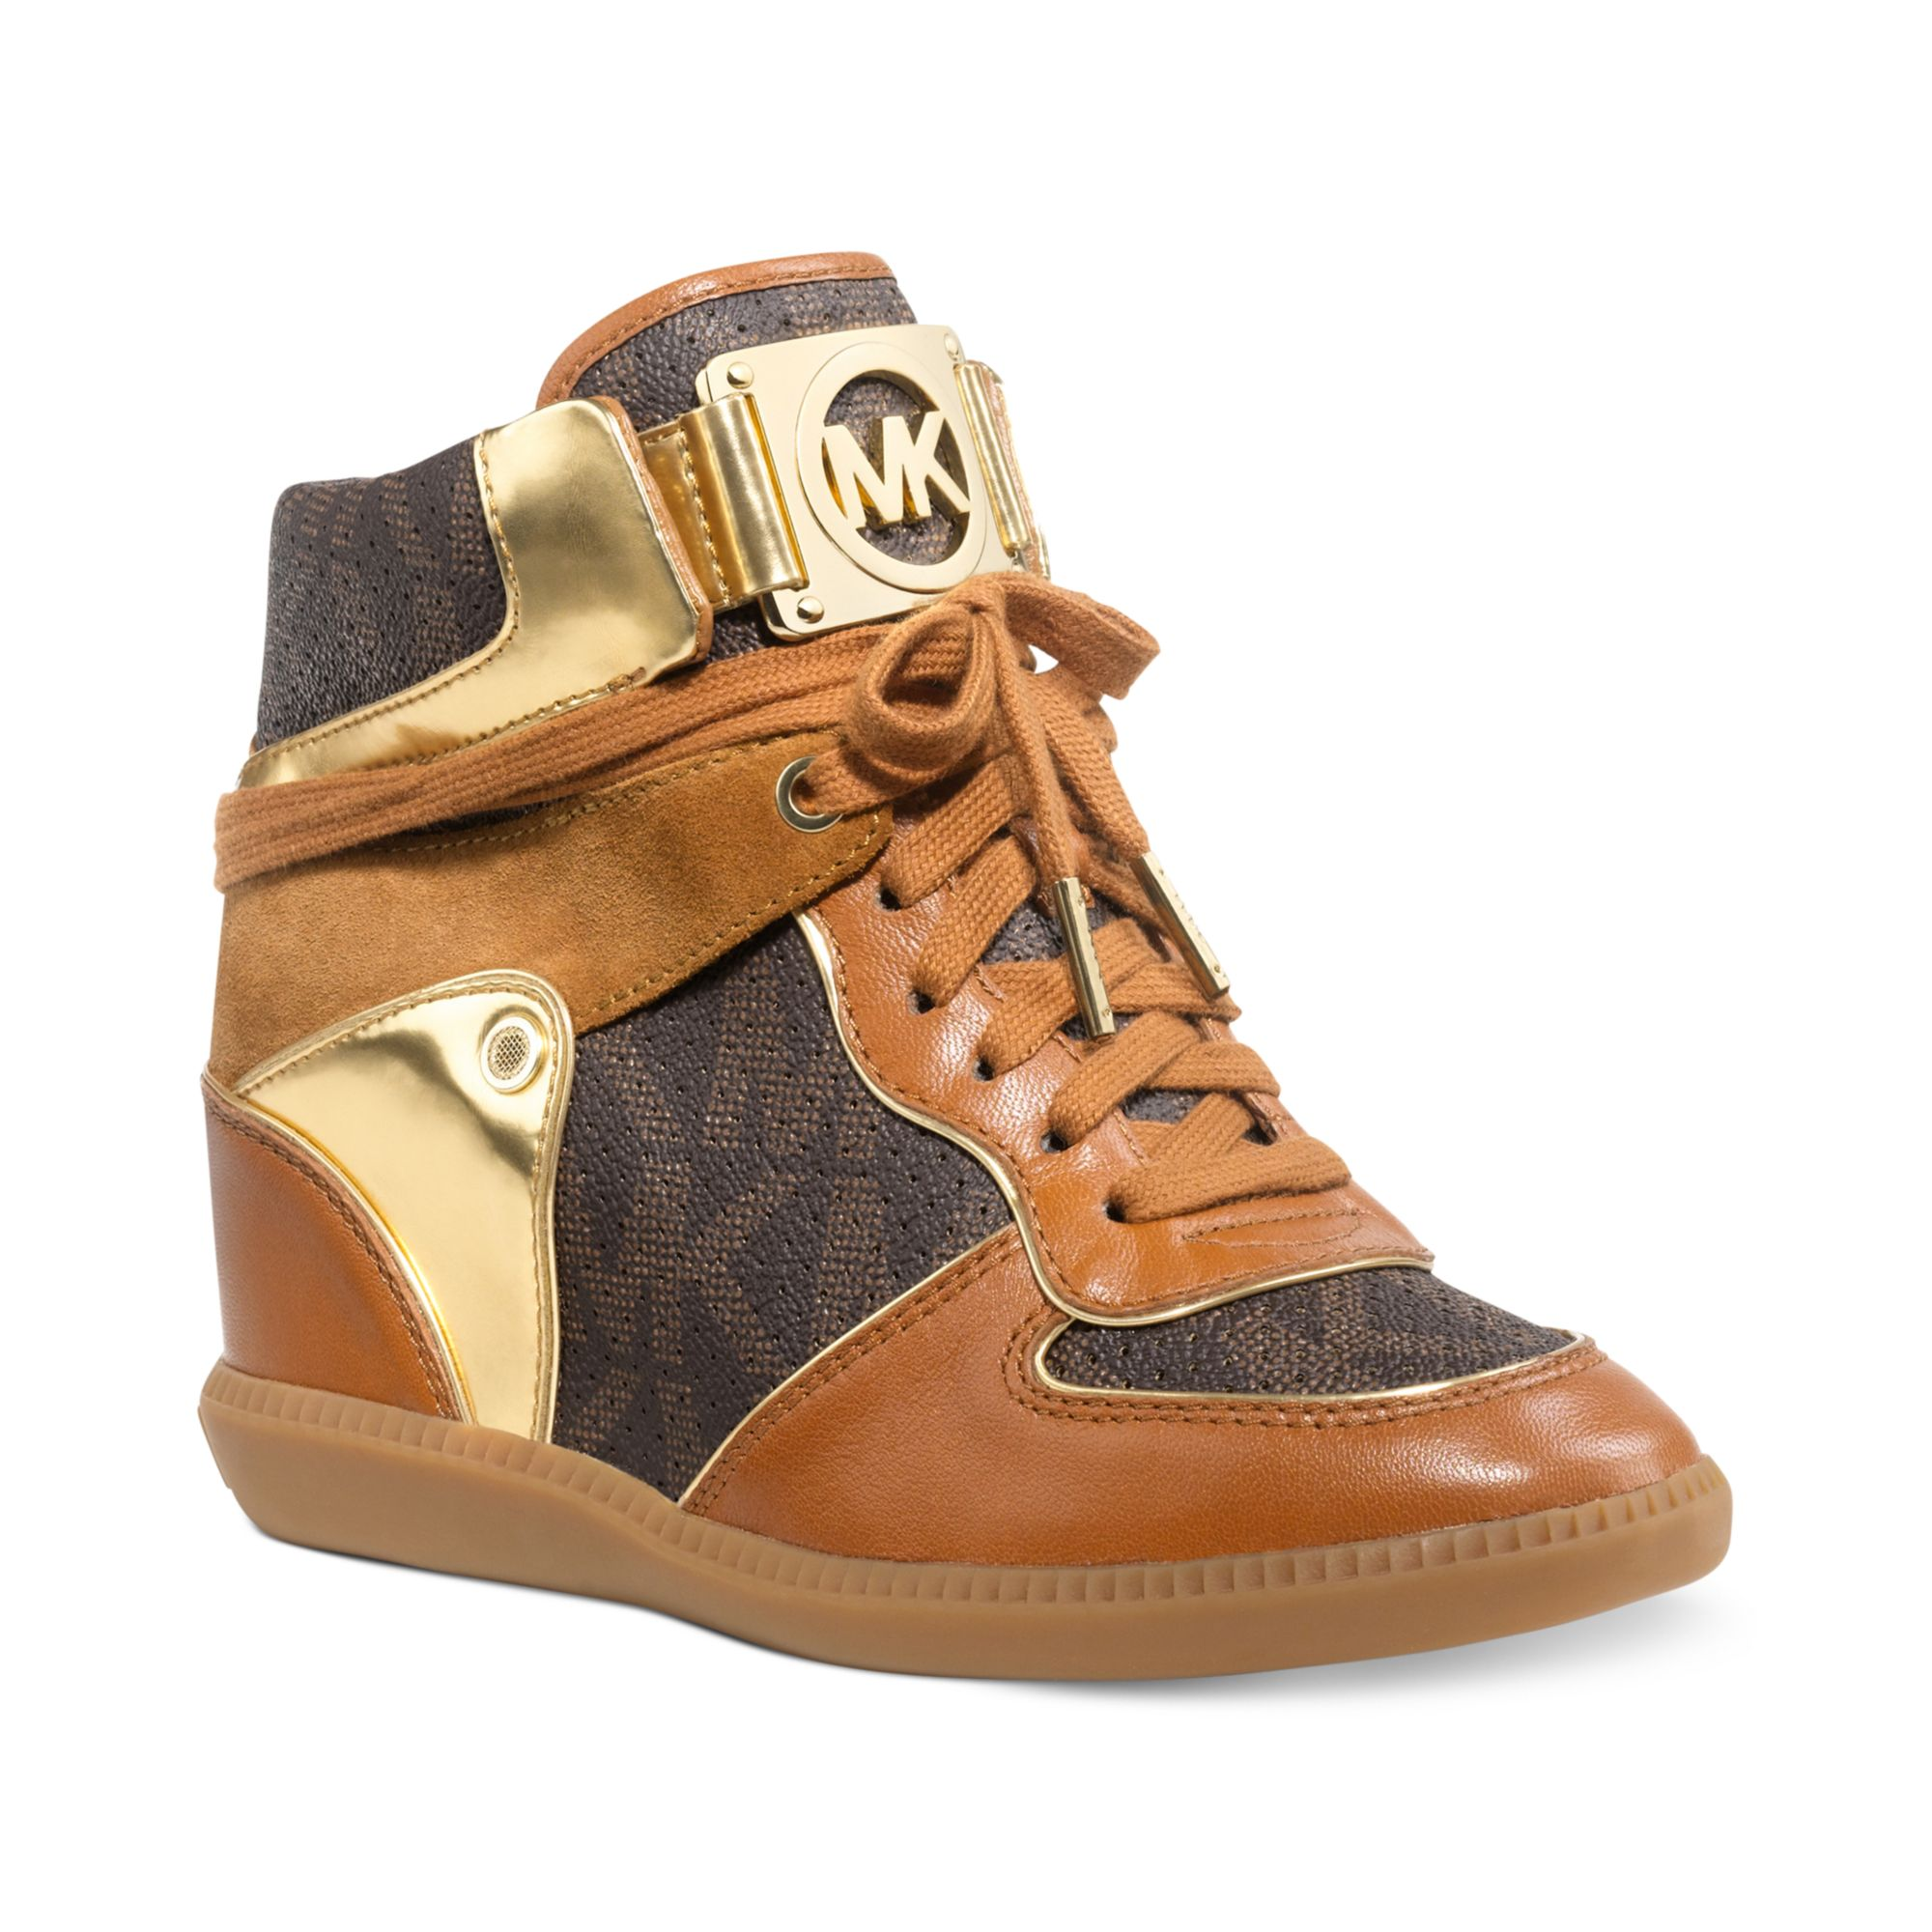 michael kors nikko high top wedge sneakers in brown lyst. Black Bedroom Furniture Sets. Home Design Ideas